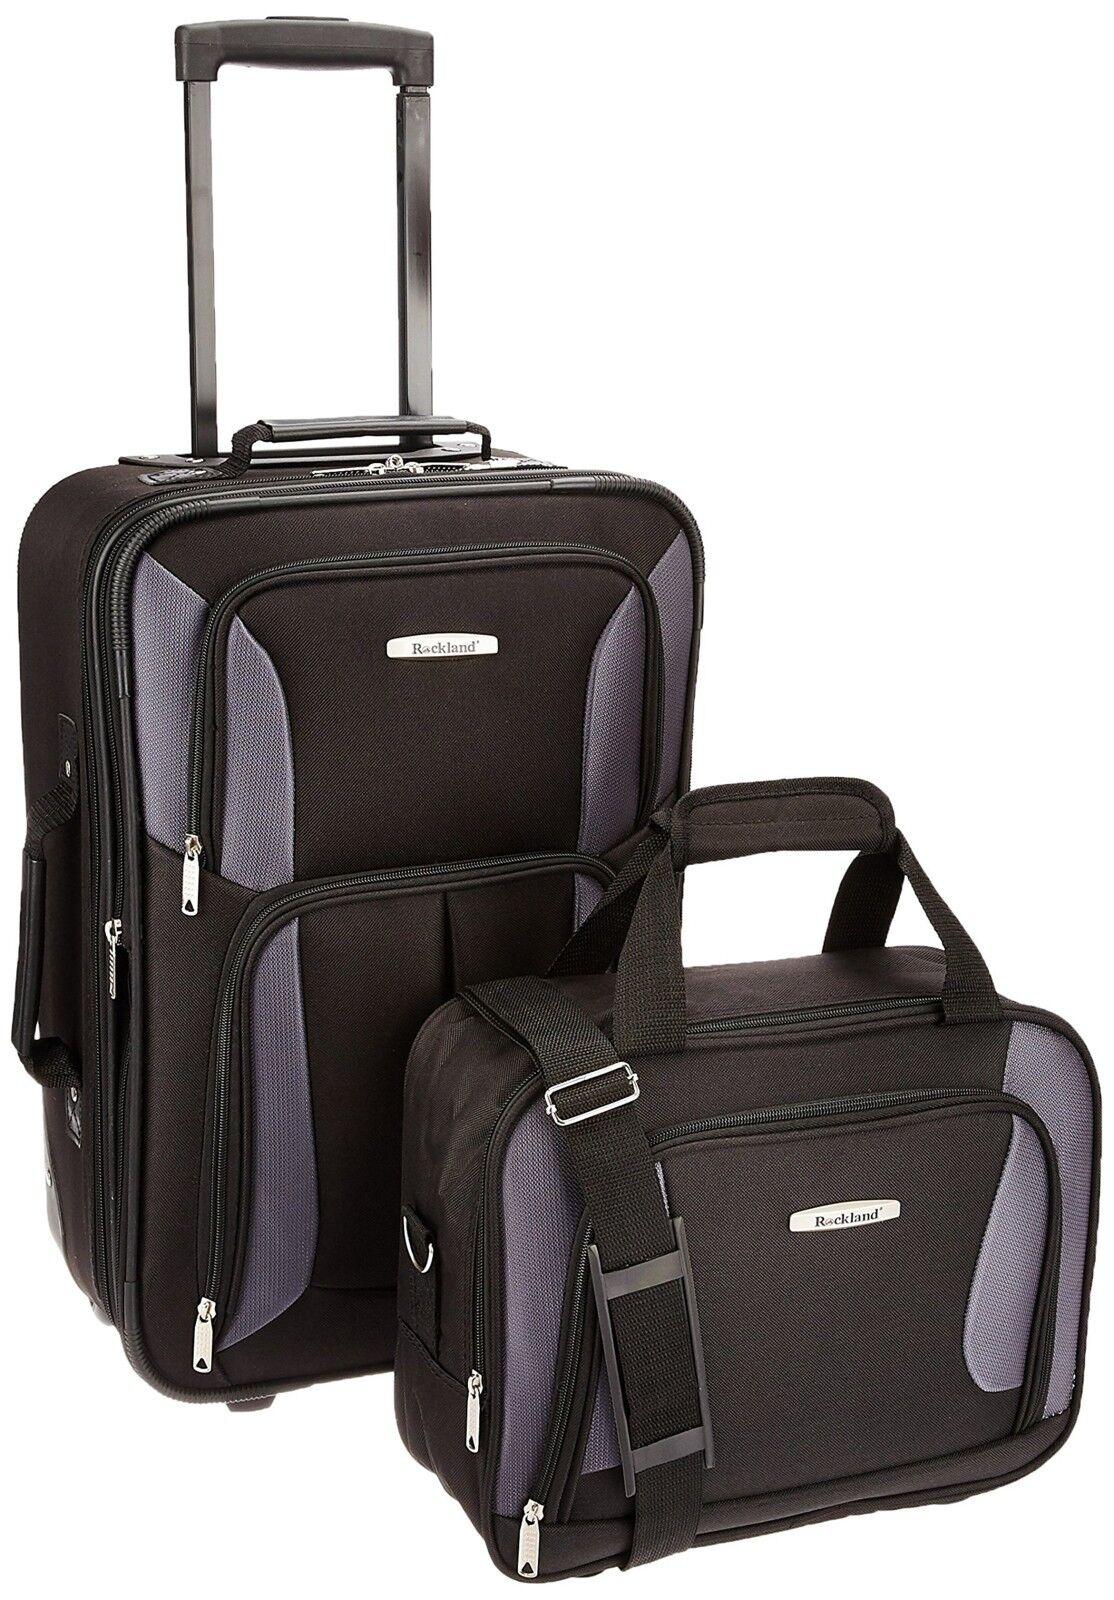 Luggage Set Expandable Heavy Duty Rolling Travel Suitcase Li